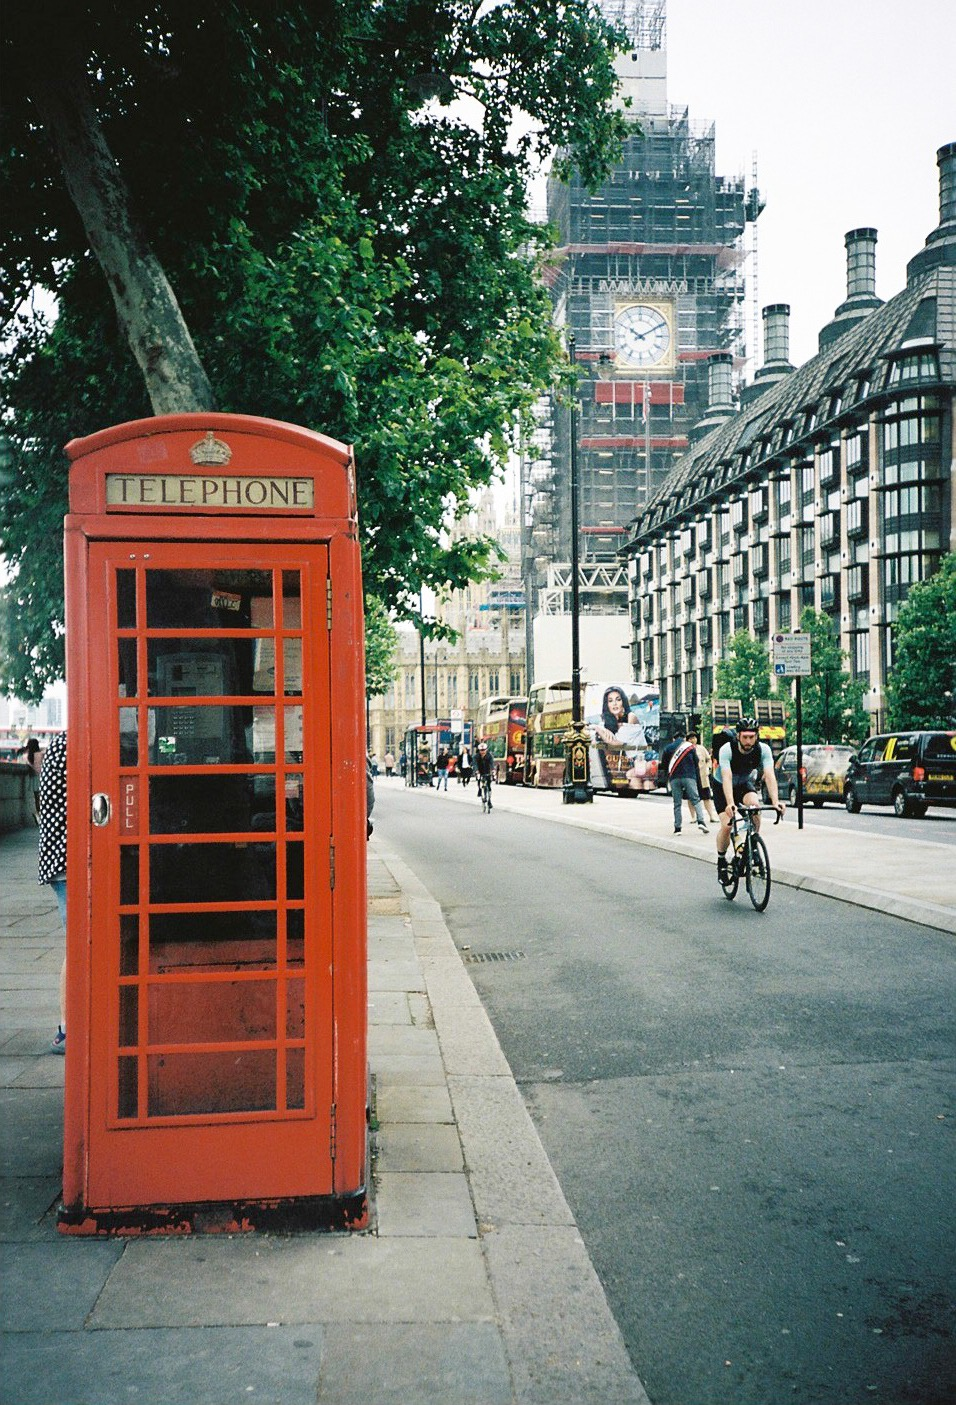 ロンドン フィルムカメラ